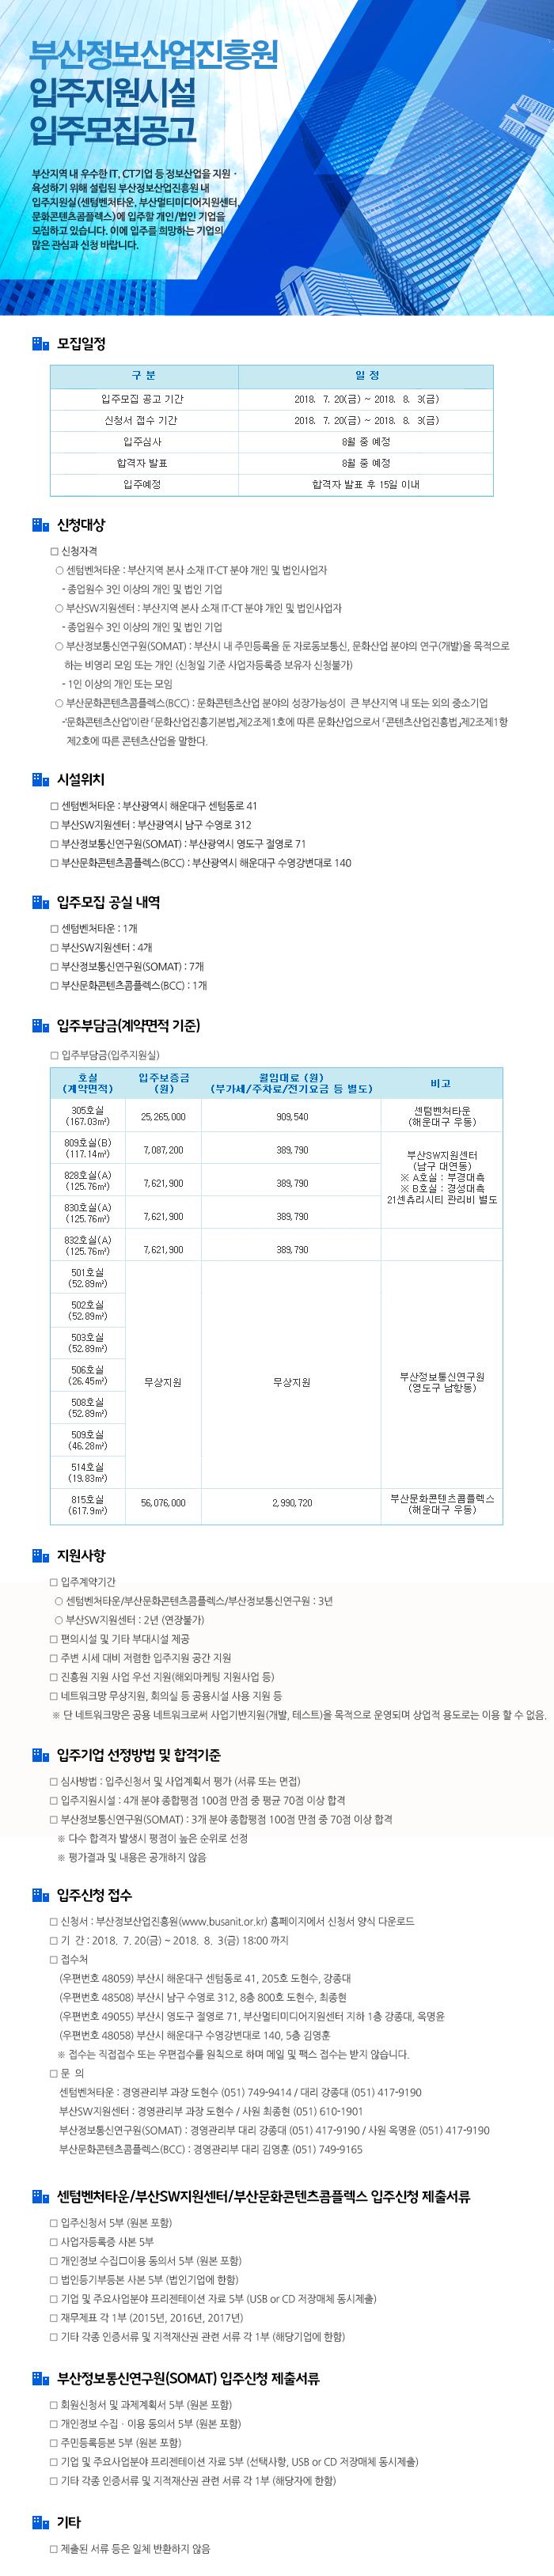 2018년 부산정보산업진흥원 입주모집 공고 (4차)